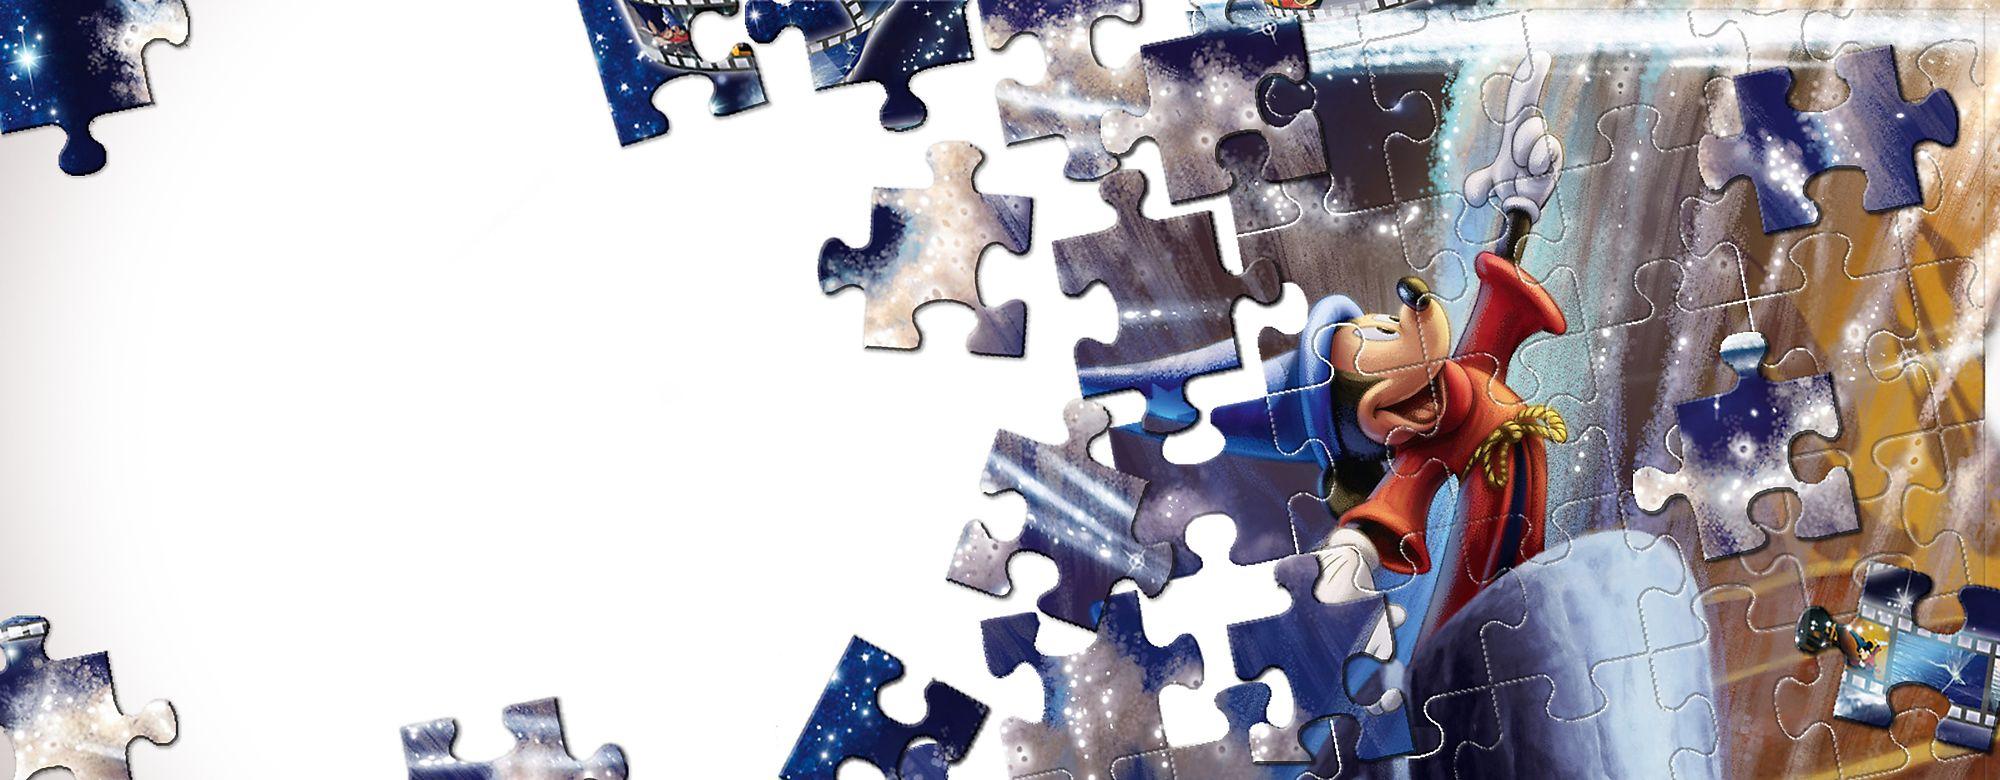 Ravensburger Hazte con un puzzle de tu personaje Disney favorito gracias a Ravensburger. Consulta el catálogo completo. **Productos próximamente disponible de nuevo**